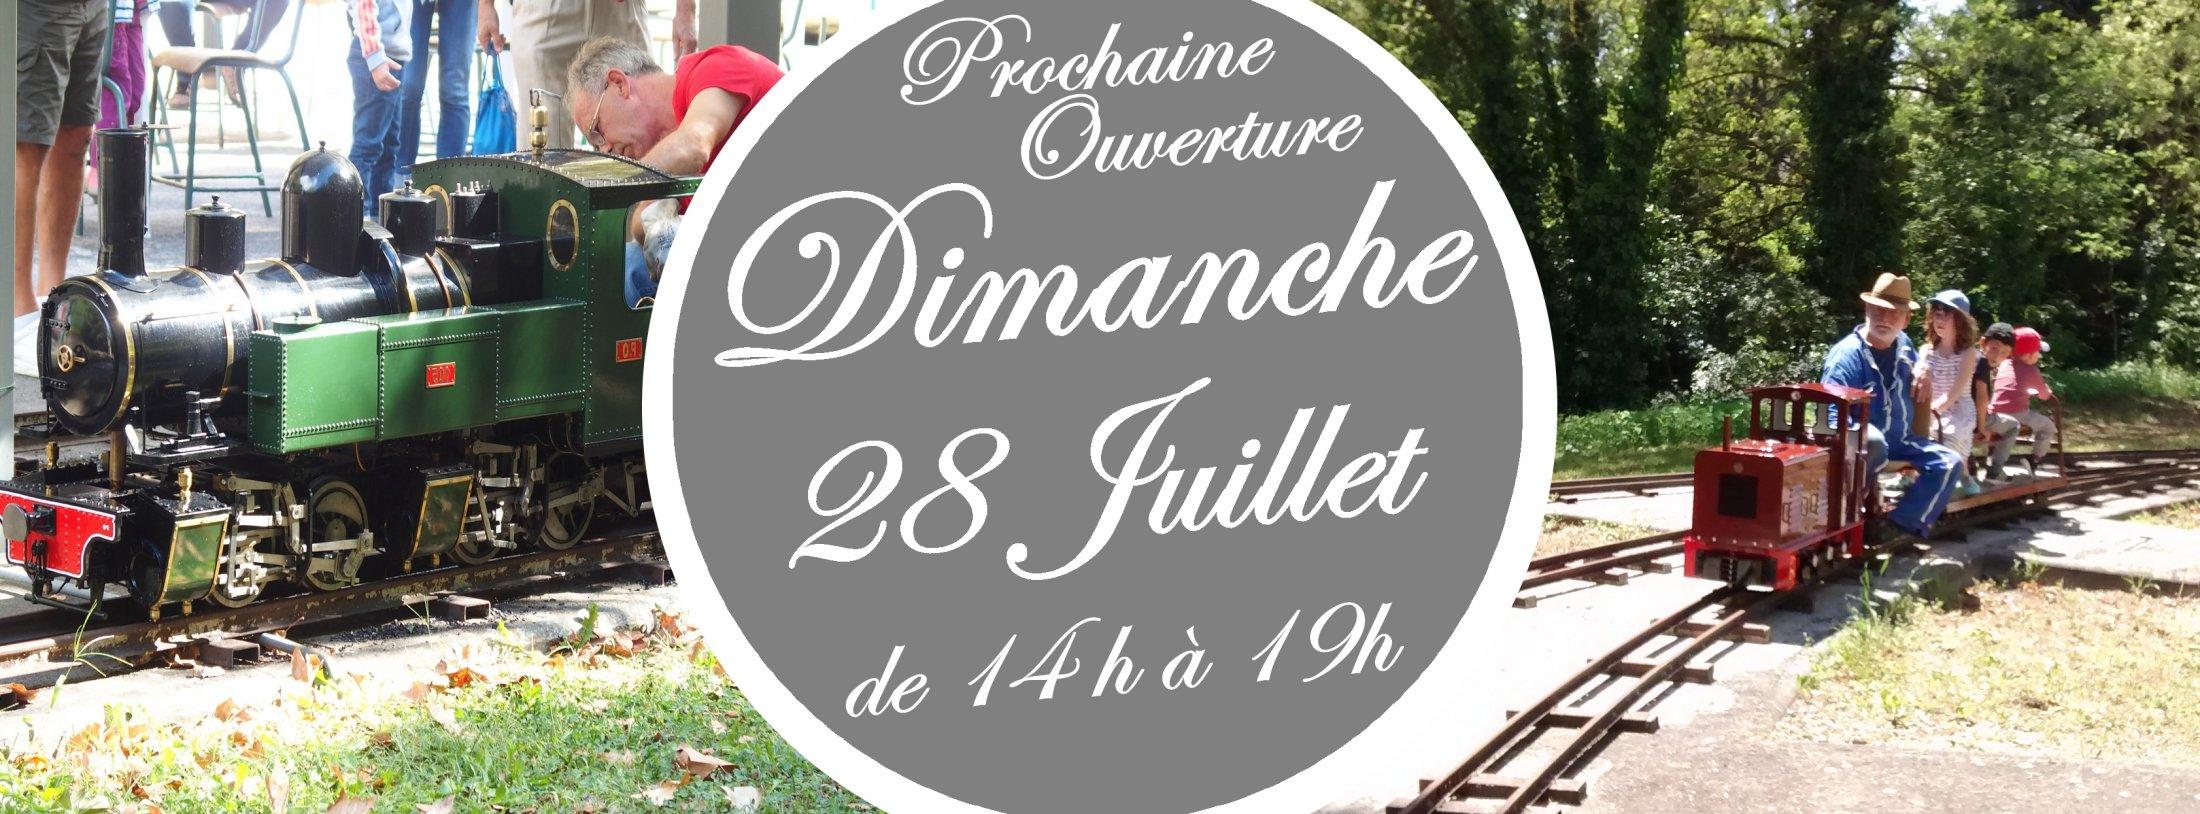 Ptg Bandeau 28-07-19 1